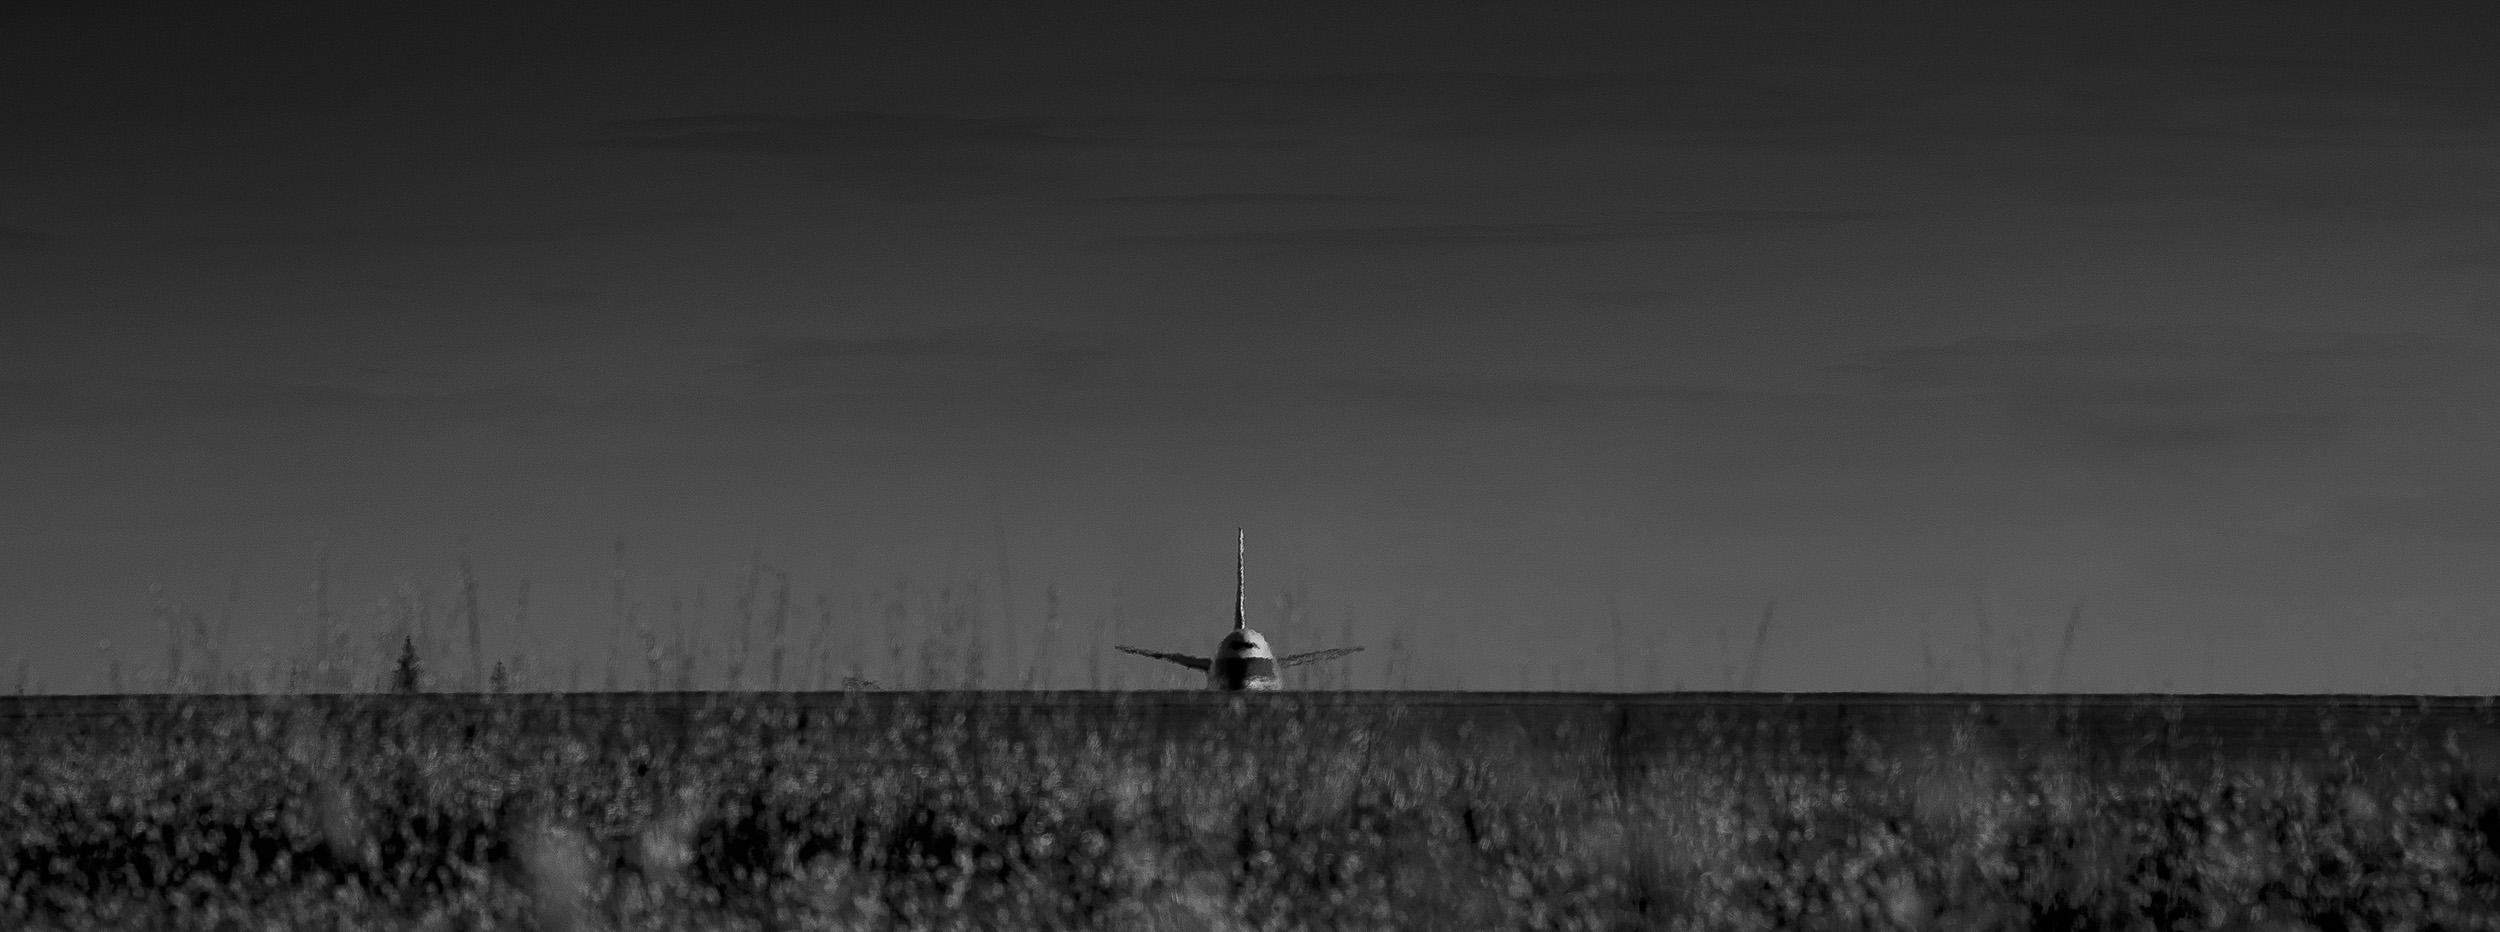 simon.casson.adelaide.aviation.photographer.020.jpg